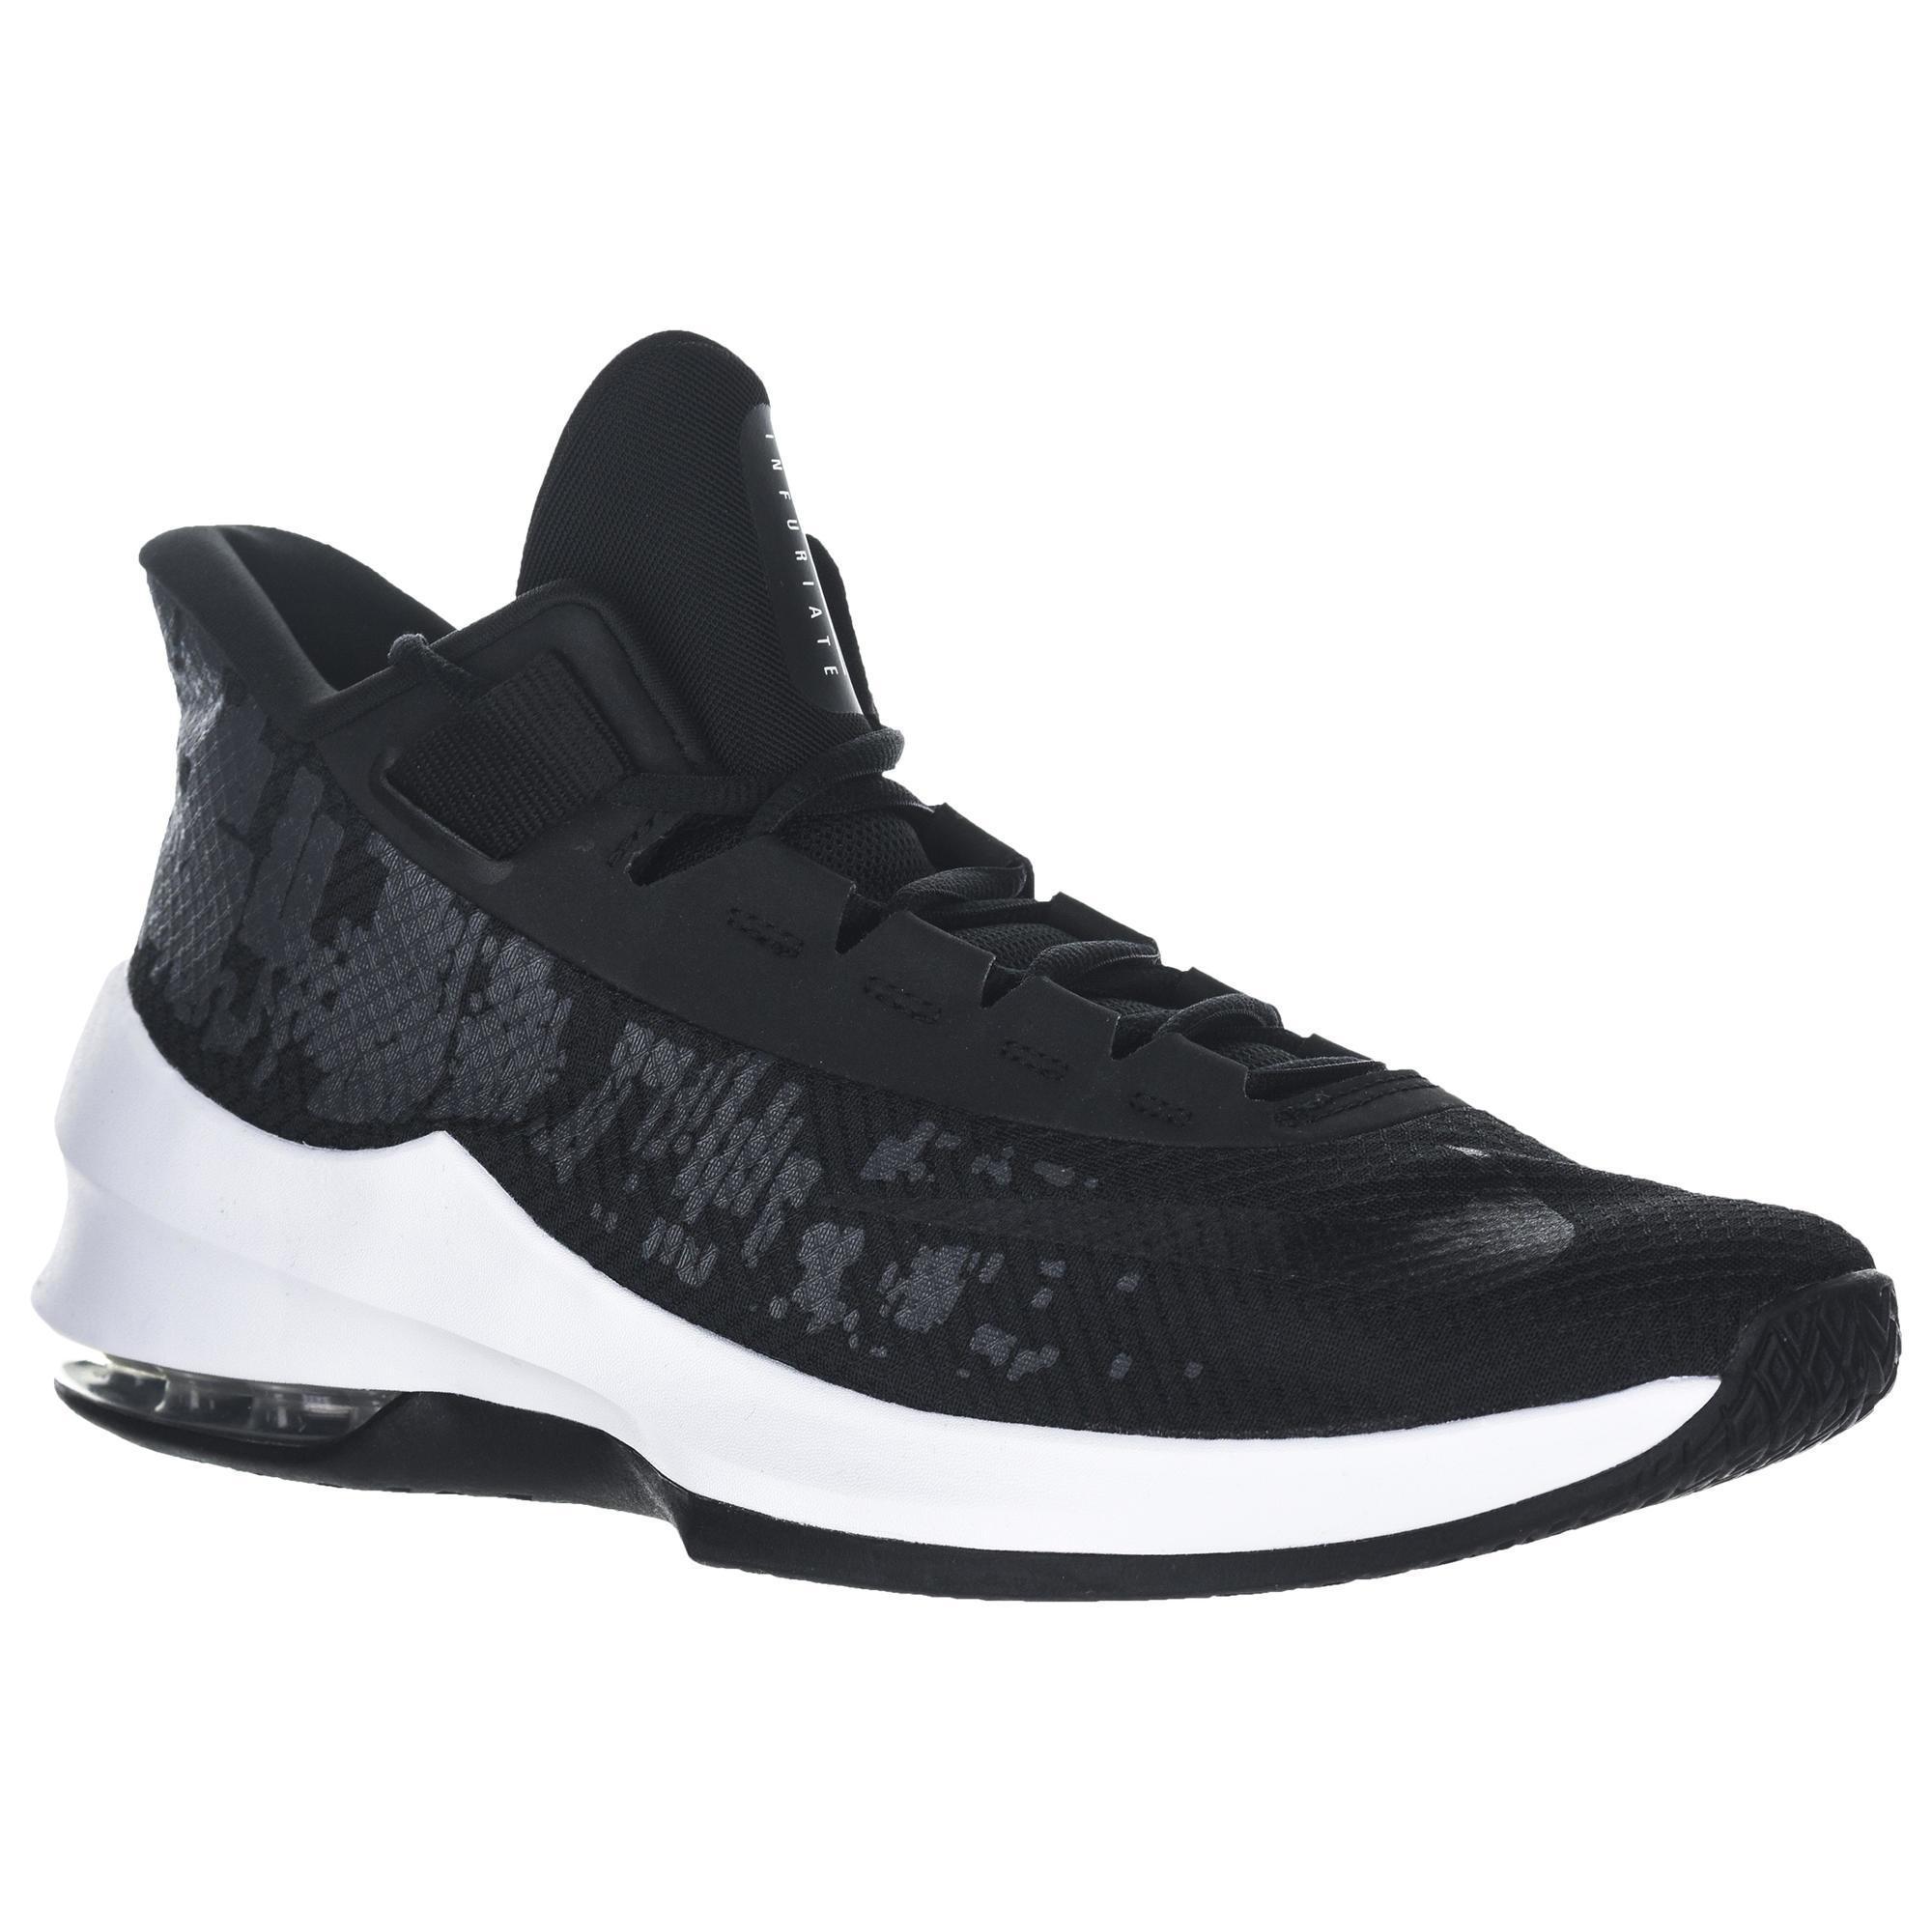 2617767 Nike Basketbalschoenen halfgevorderde spelers Air Max Infuriate 2 Mid zwart